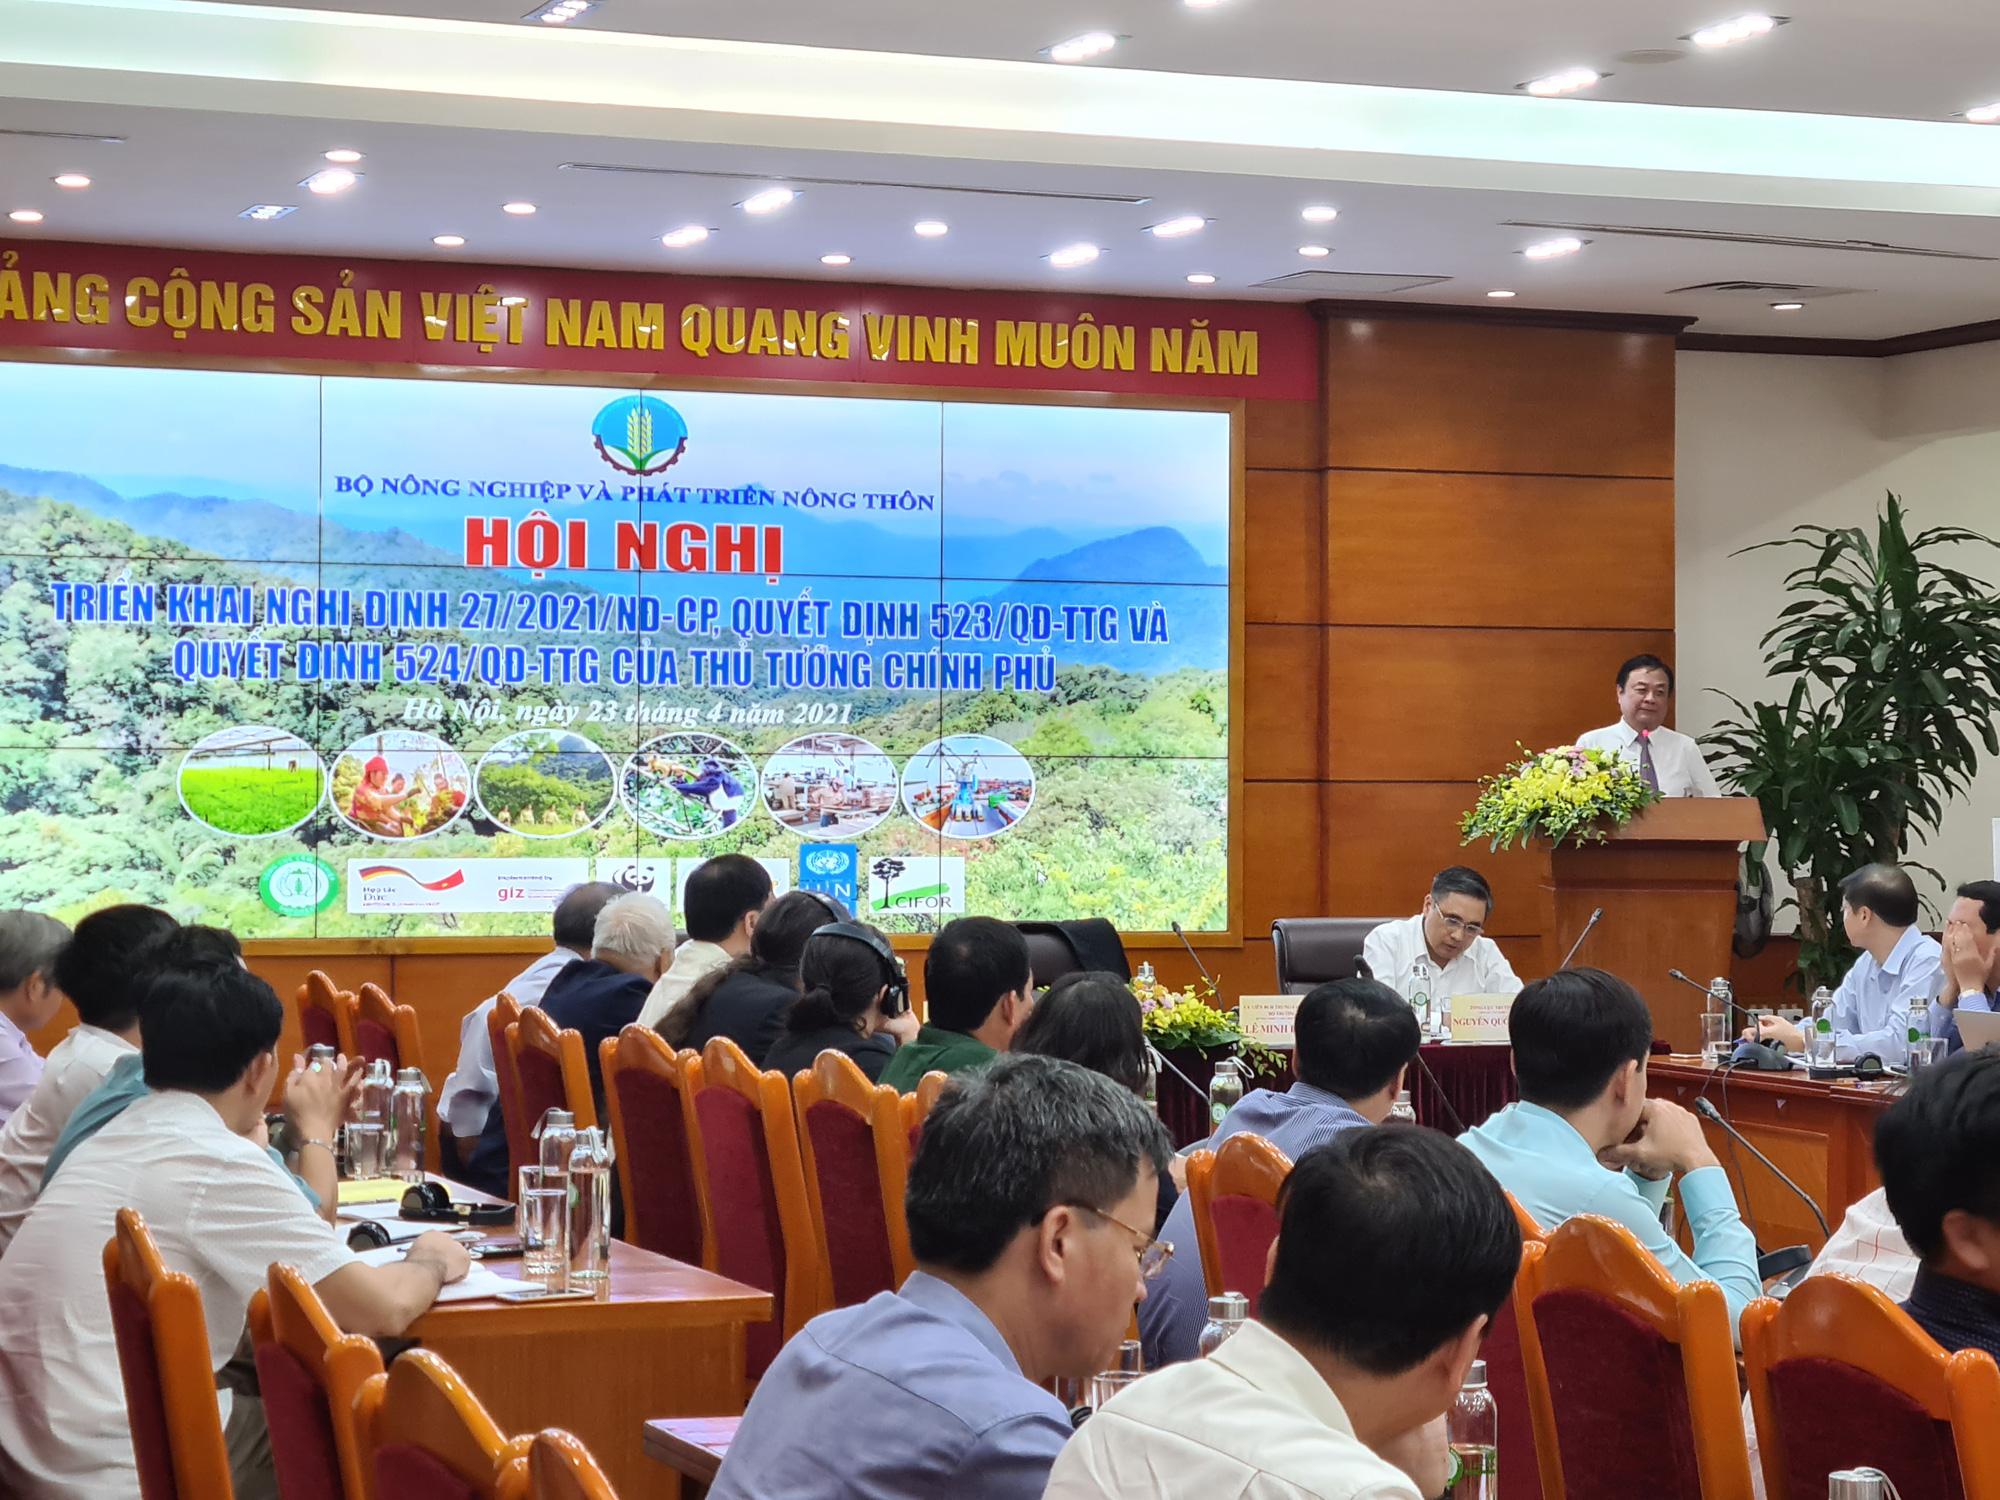 Bộ trưởng Bộ NNPTNT Lê Minh Hoan: Truyền thông để thế hệ trẻ yêu rừng như máu thịt - Ảnh 1.